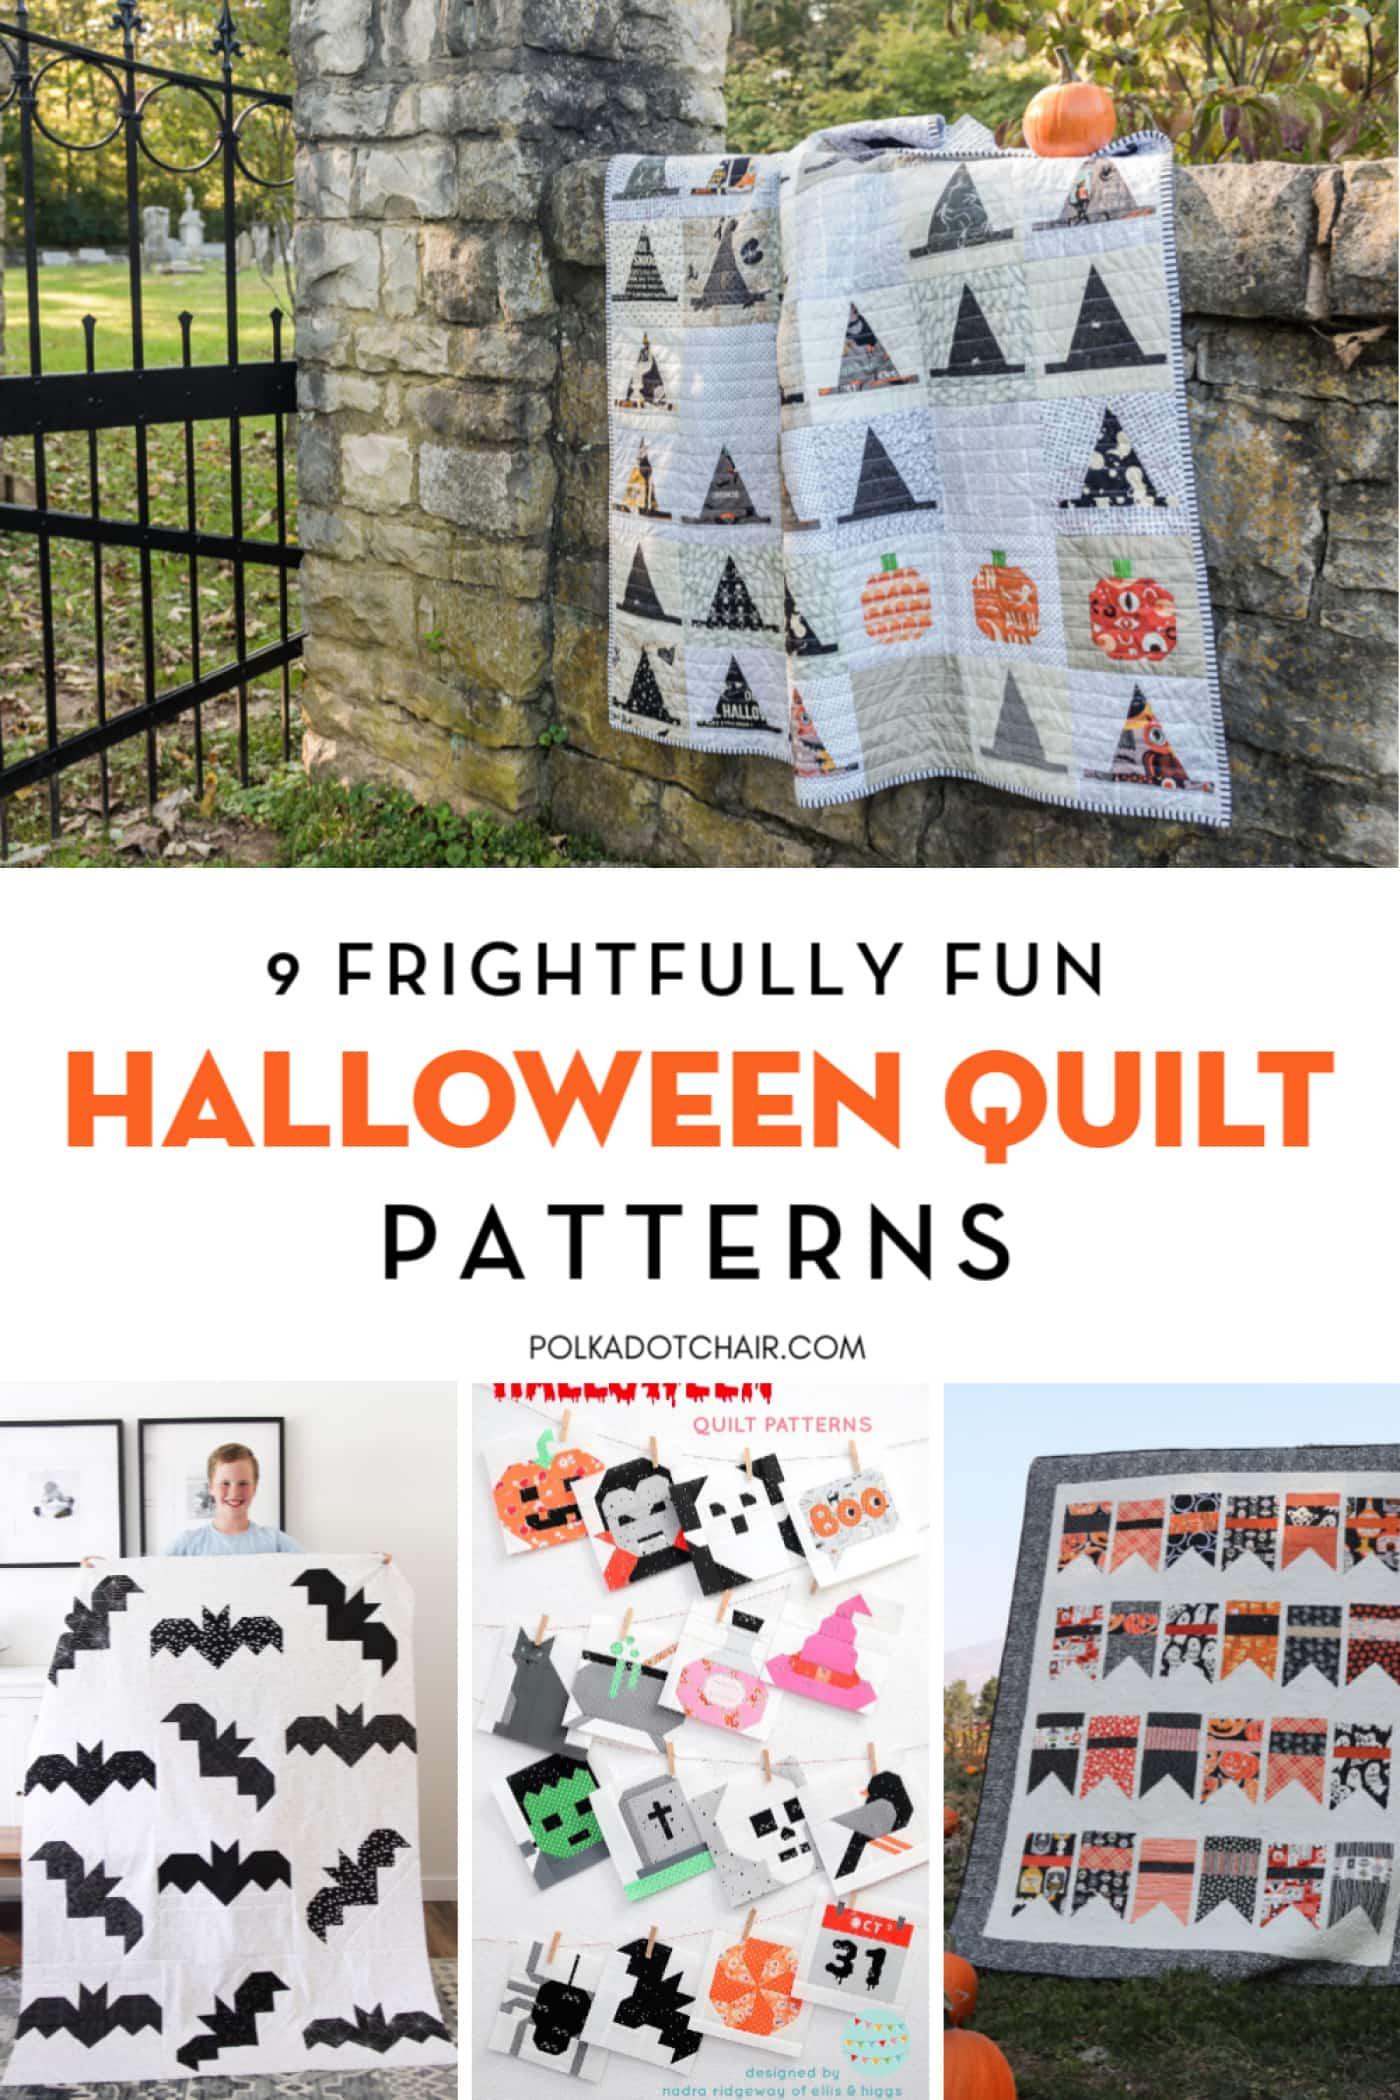 Halloween | AllPeopleQuilt.com